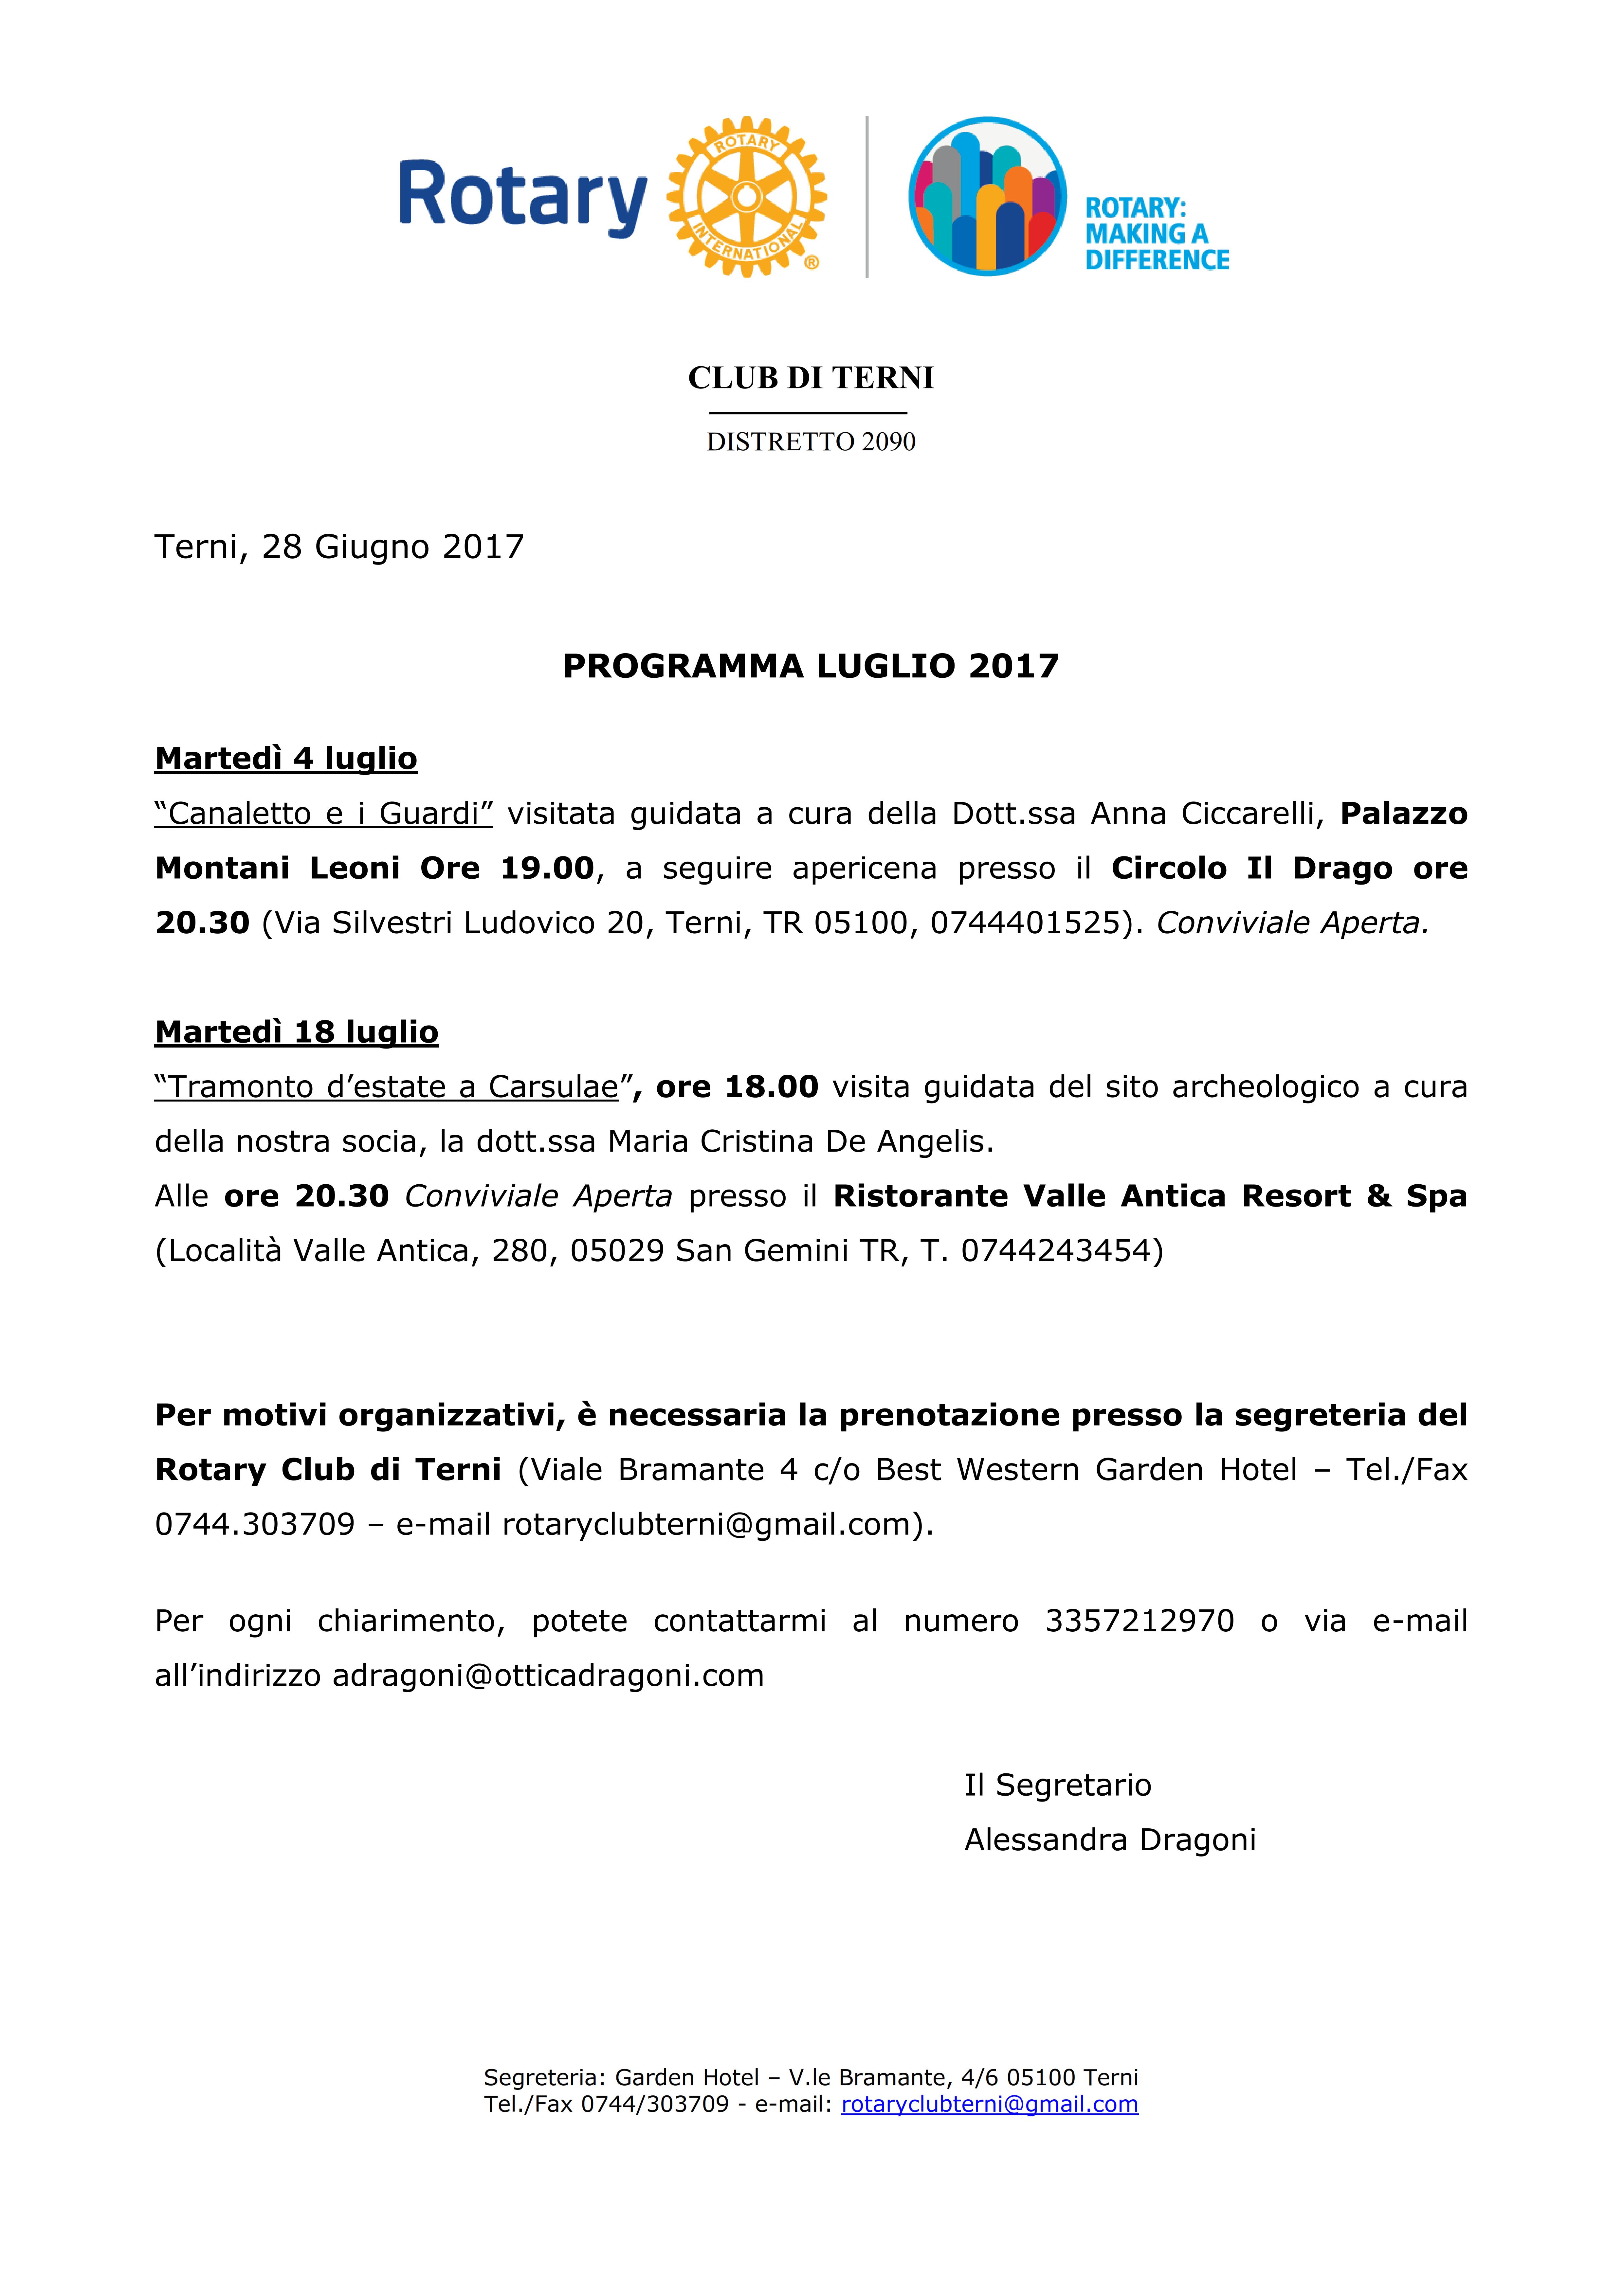 Programma Luglio 2017_001